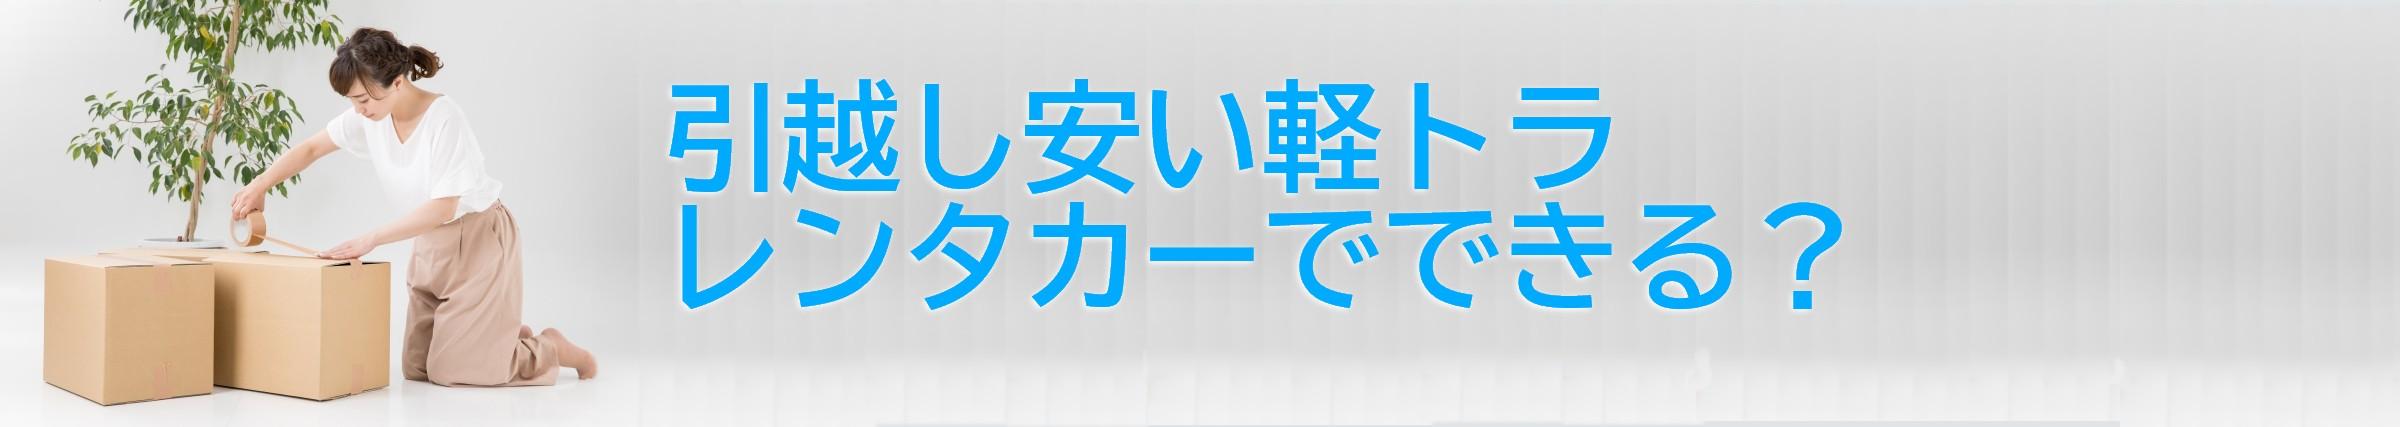 軽トラックレンタカーで安い単身引越しができるかテスト【東京・千葉・神奈川・埼玉】